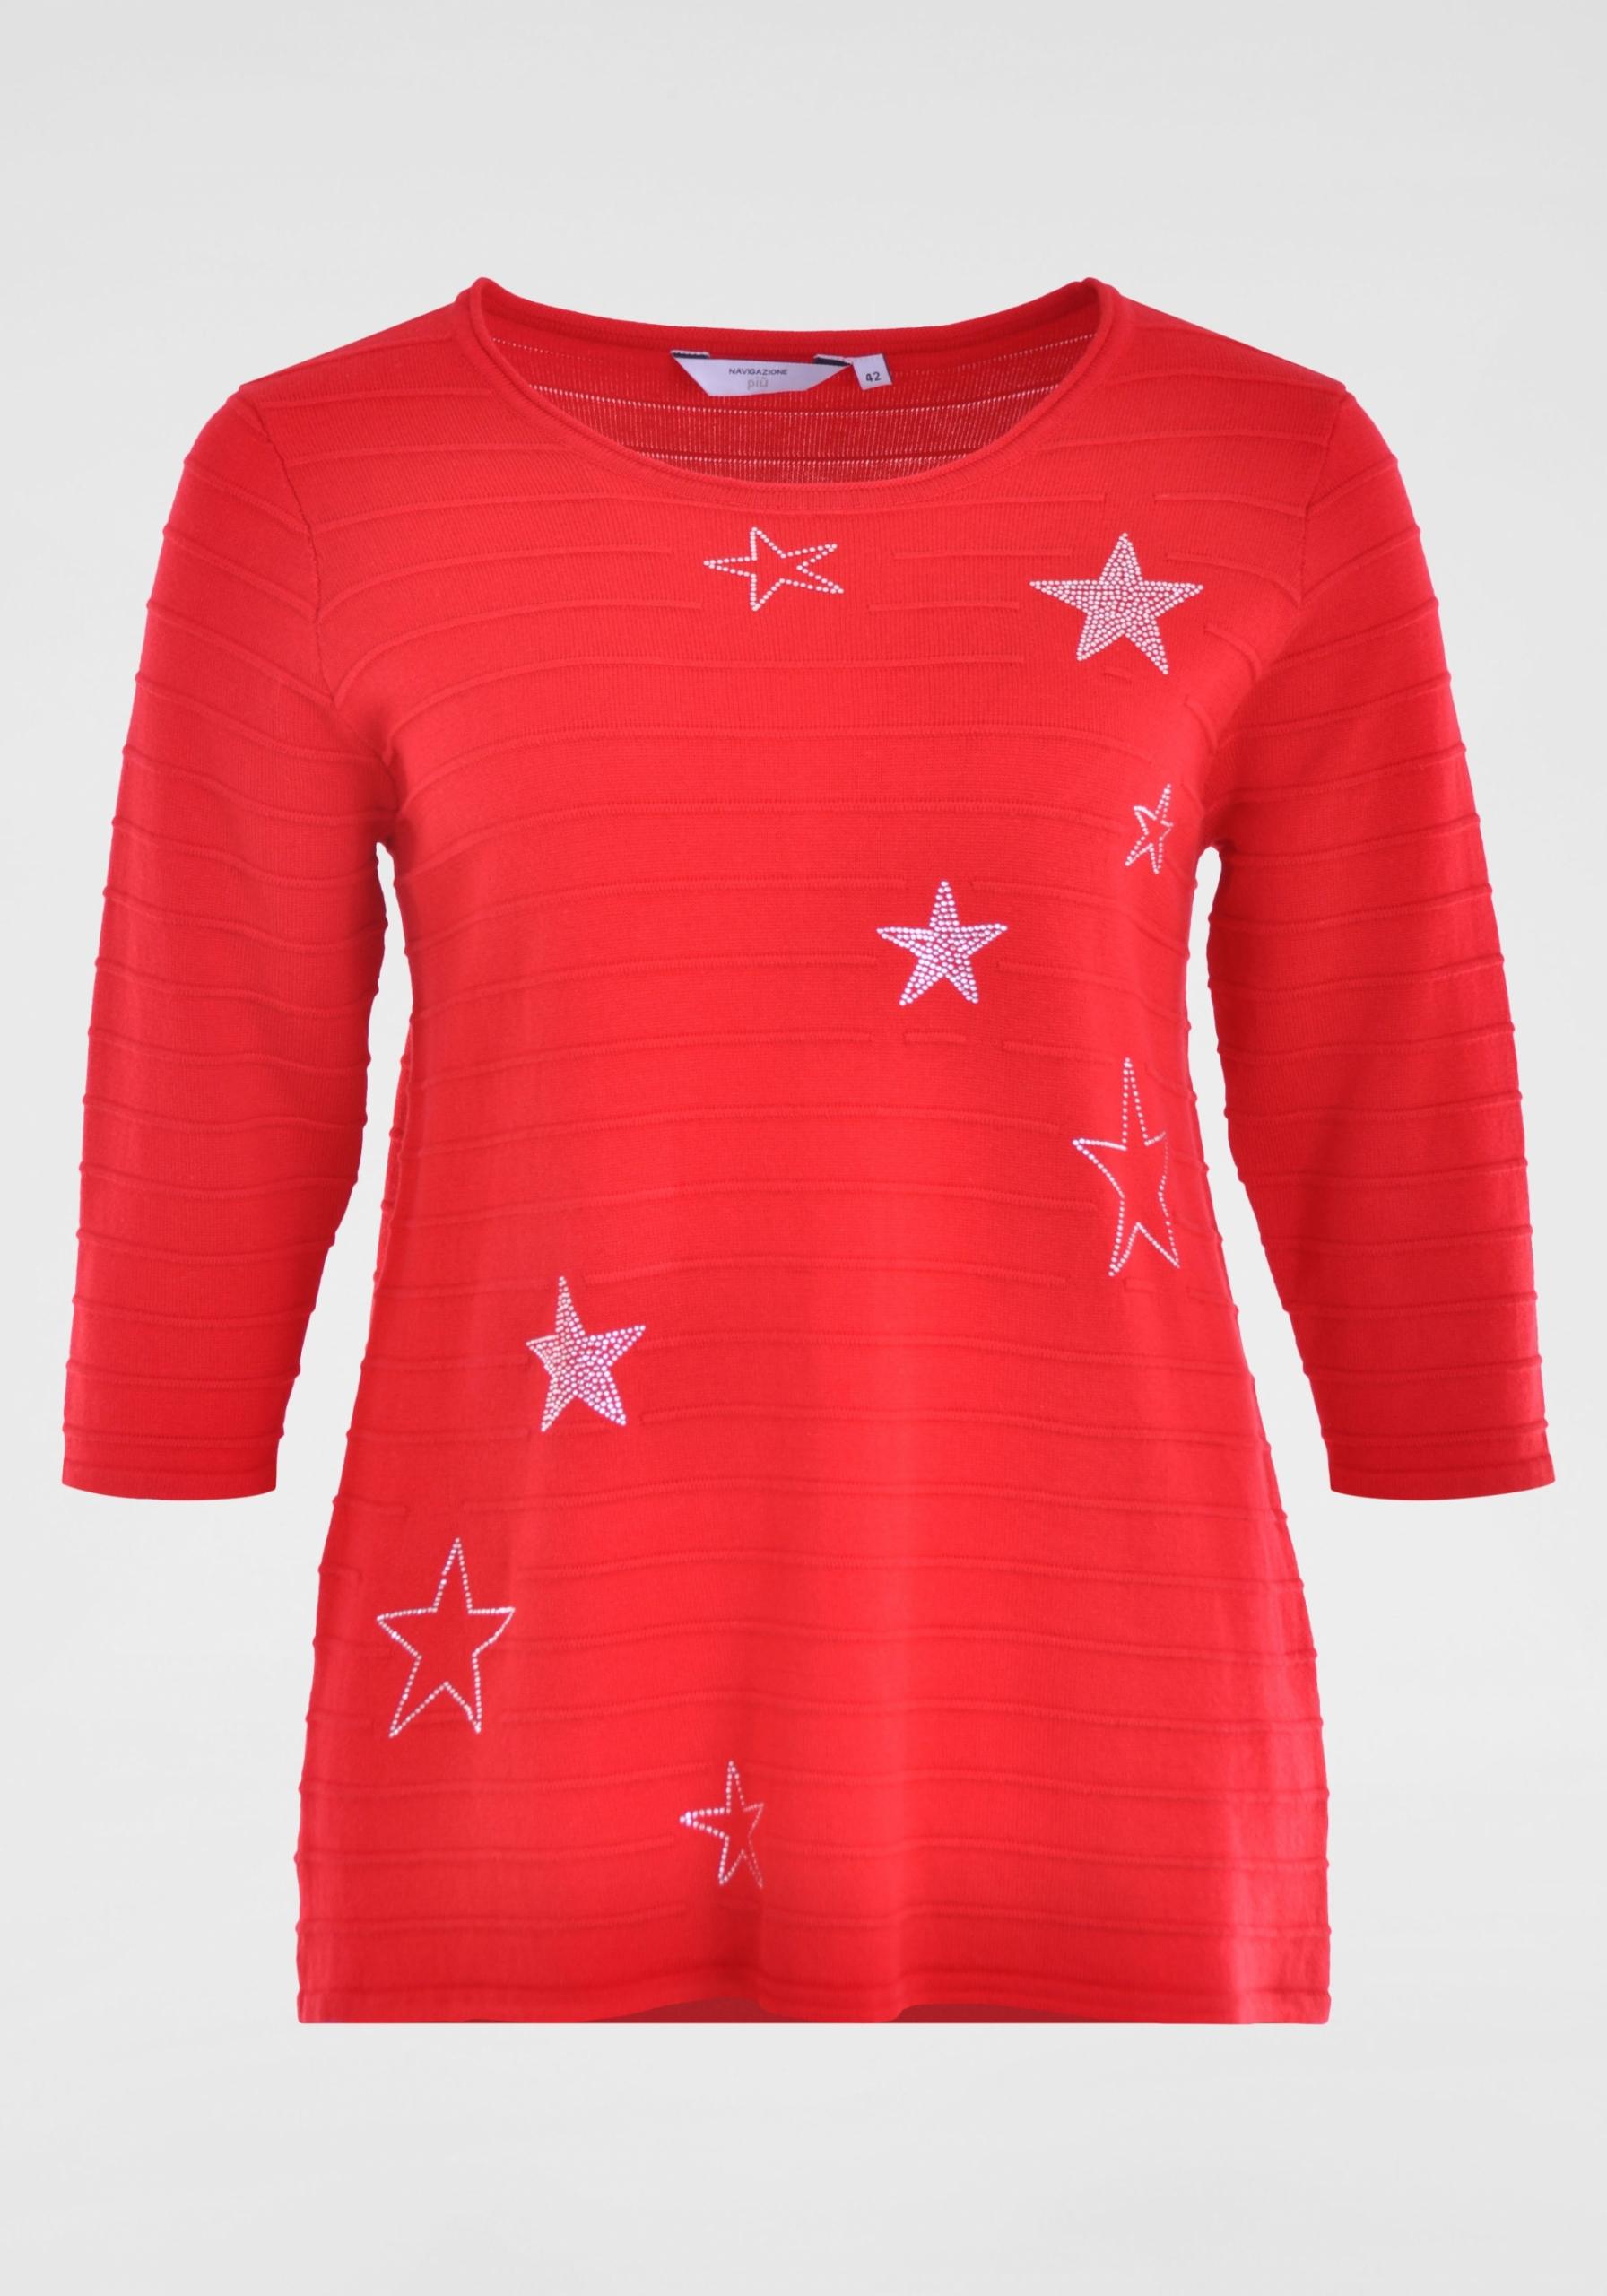 Damen Pullover mit Strass-Sternen in großen Größen rot